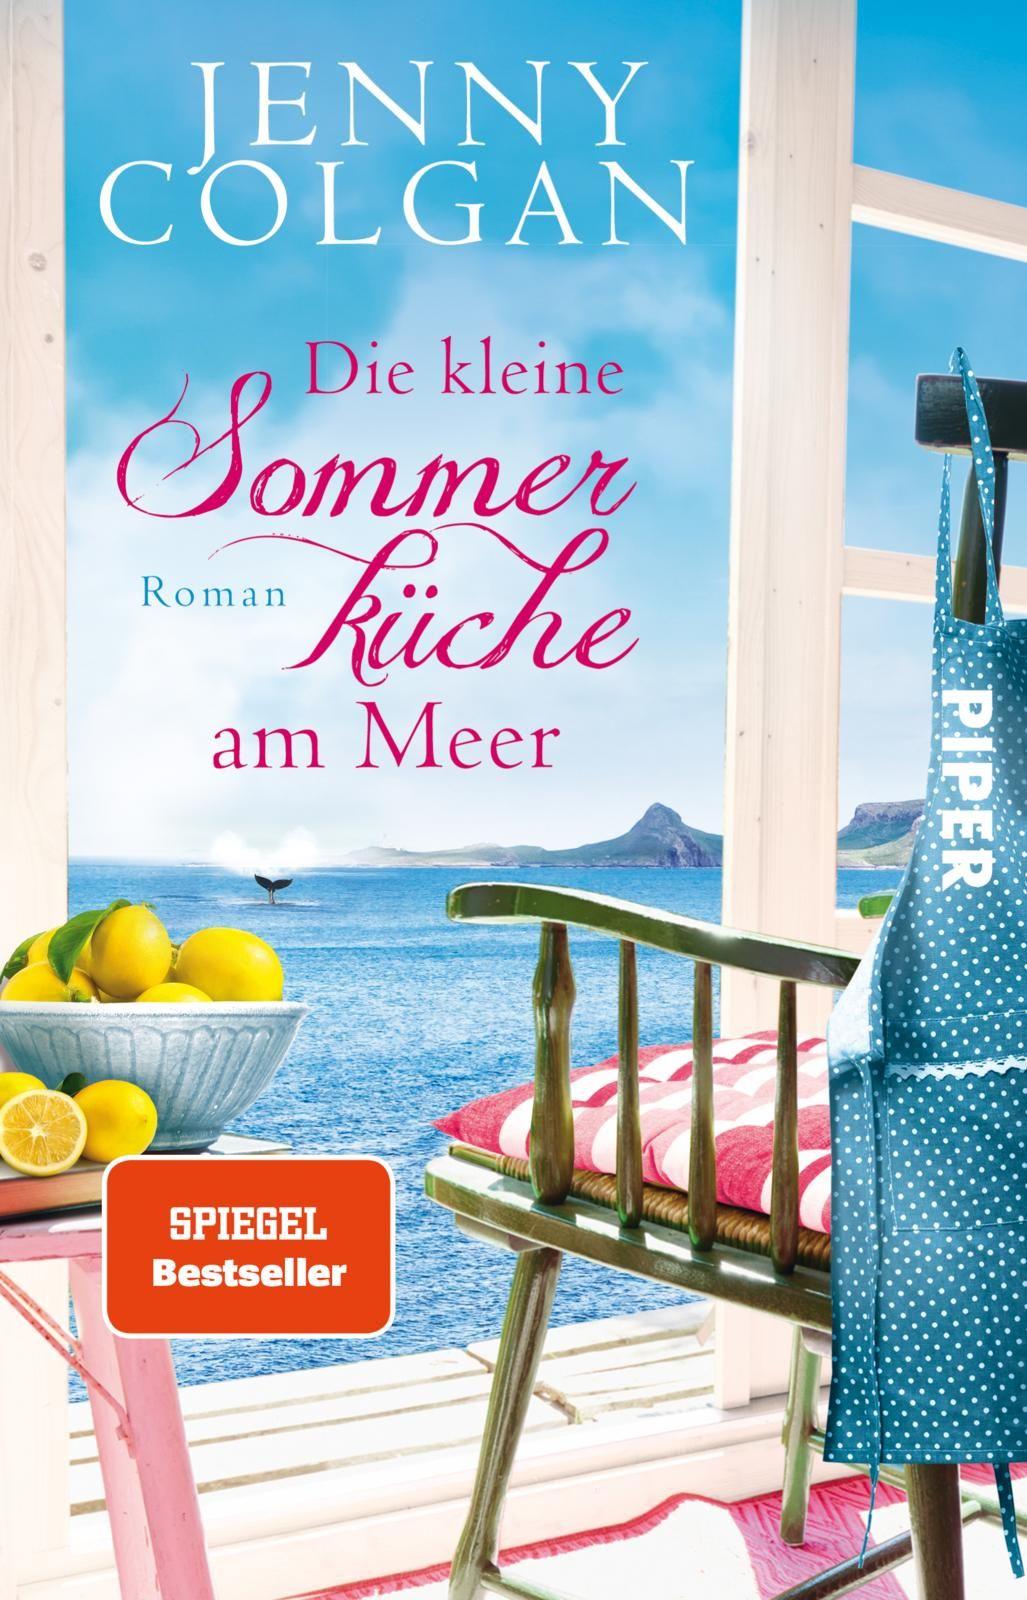 Die kleine Sommerküche am Meer von Colgan, Jenny, Hagemann, Sonja: Ro